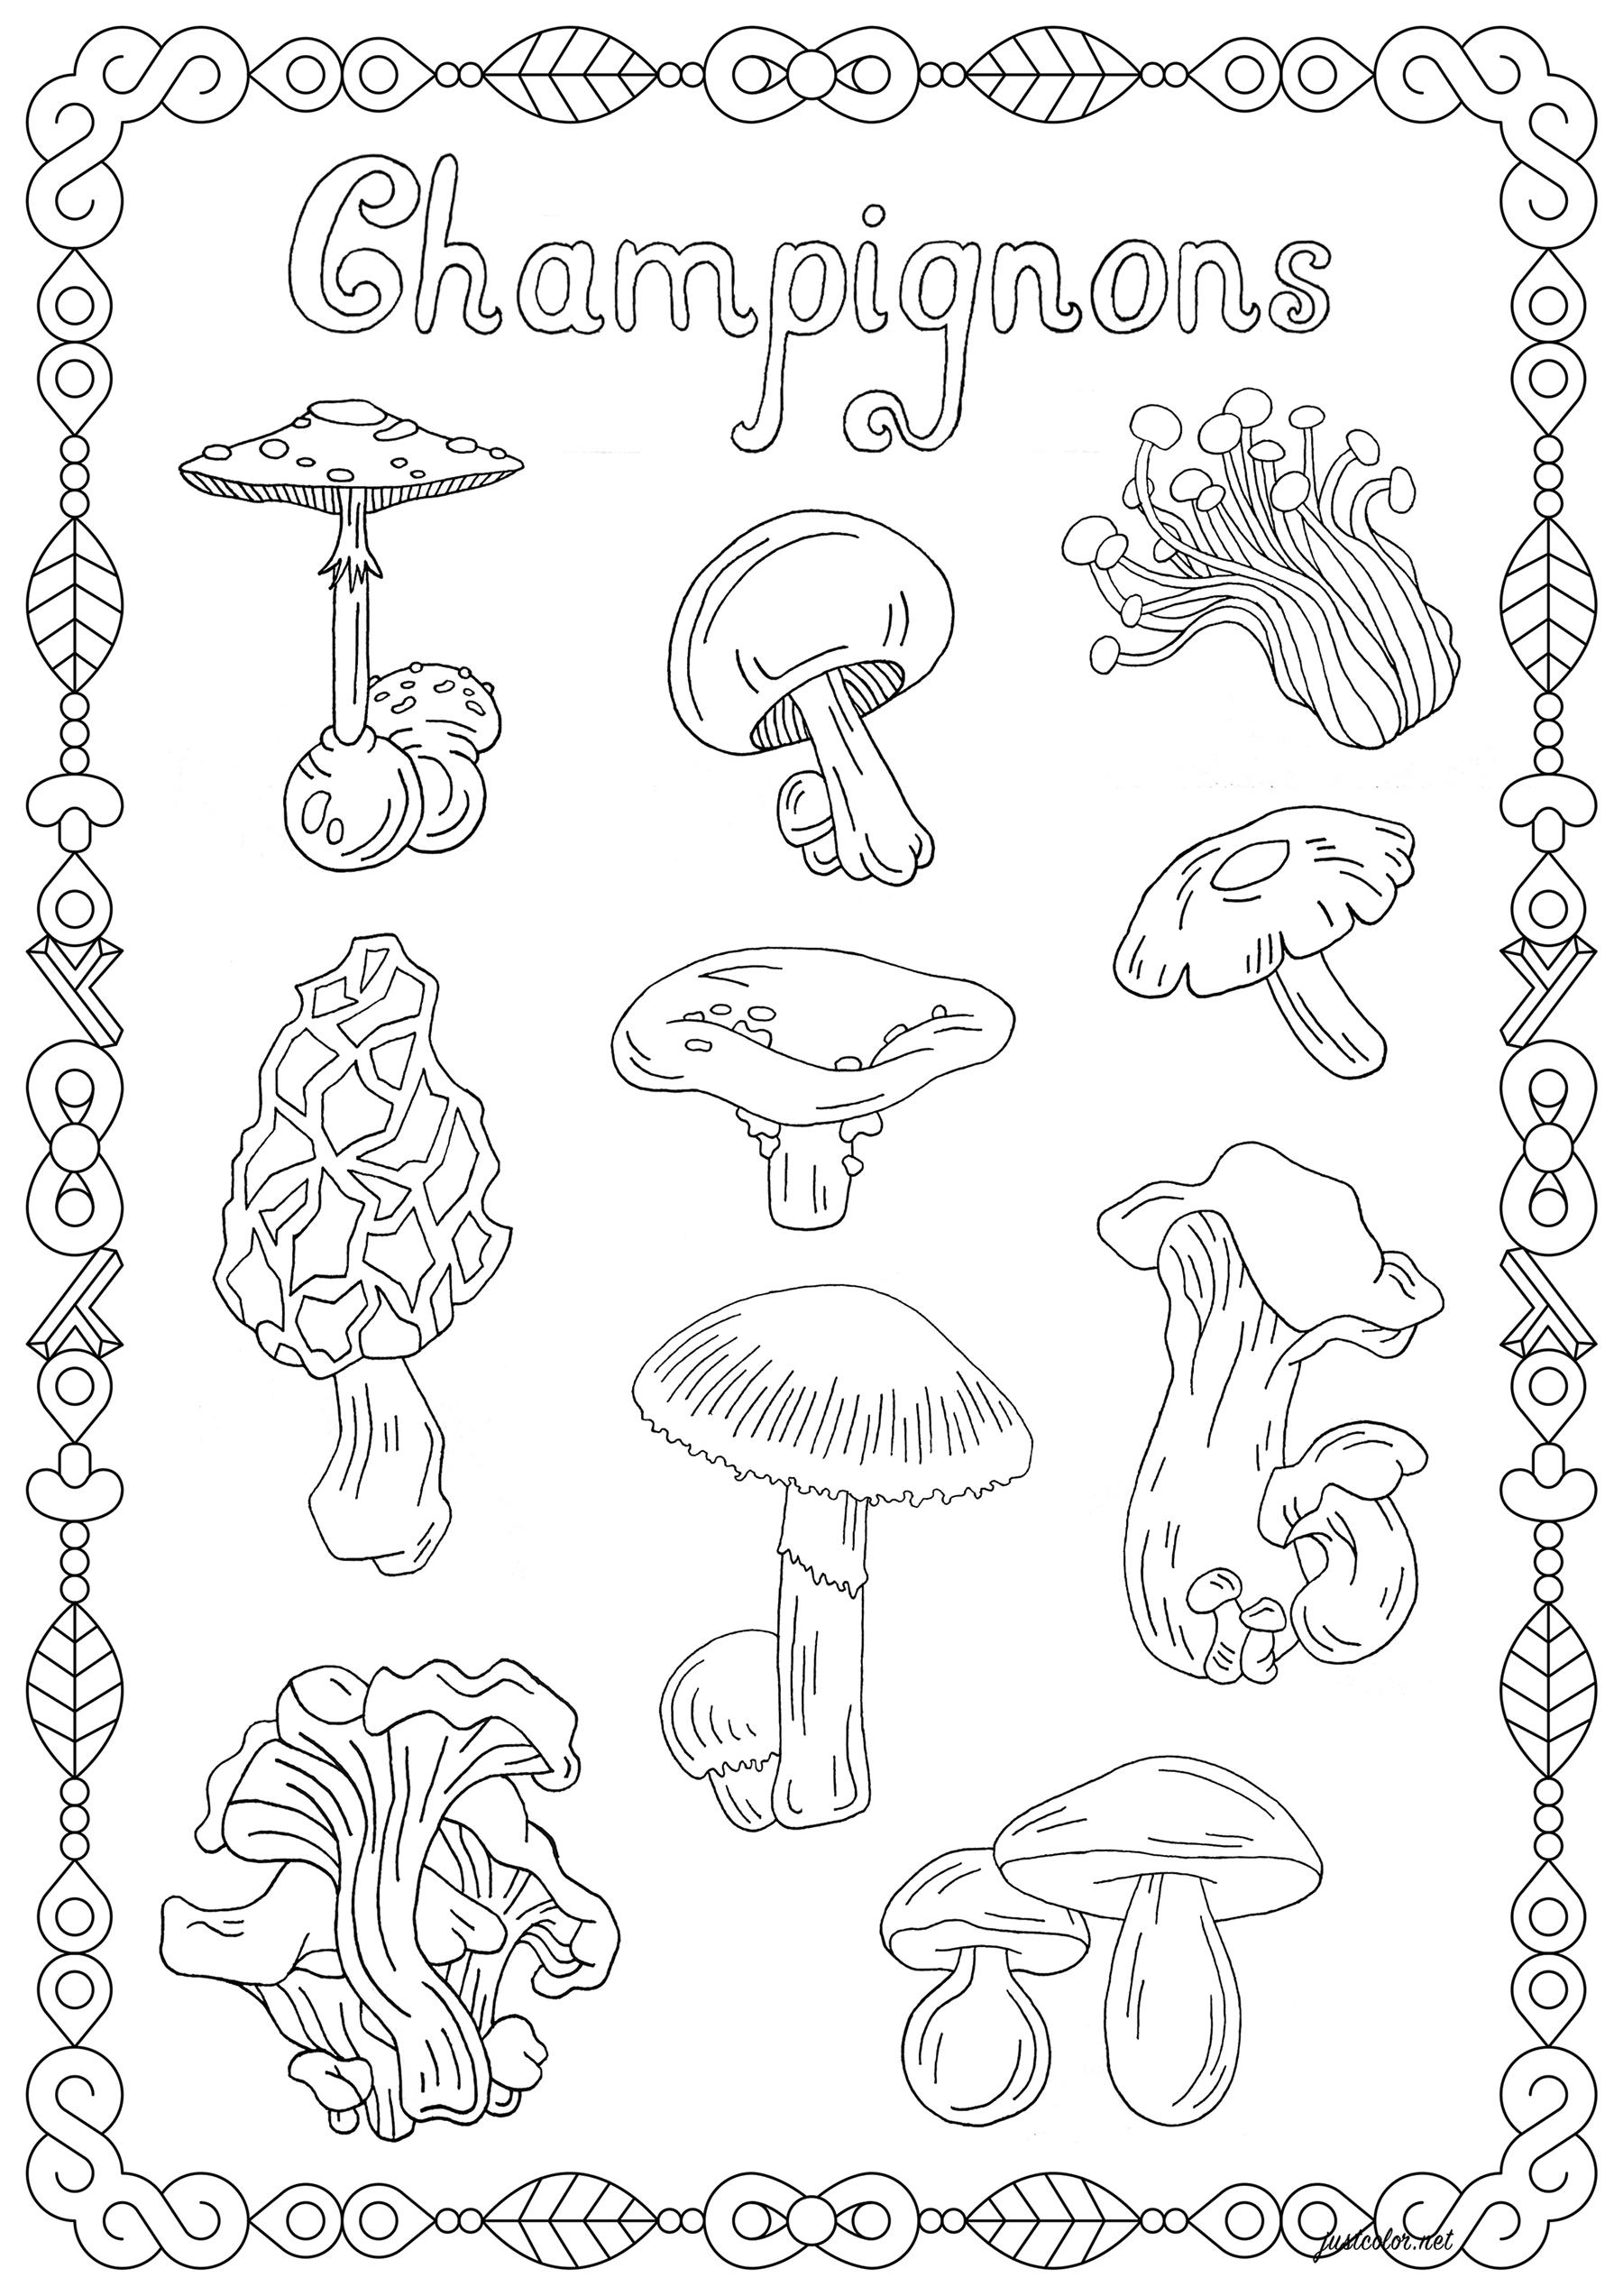 Coloriez ces différentes variétés de champignons, le beau cadre qui les entoure, et le mot 'Champignons'